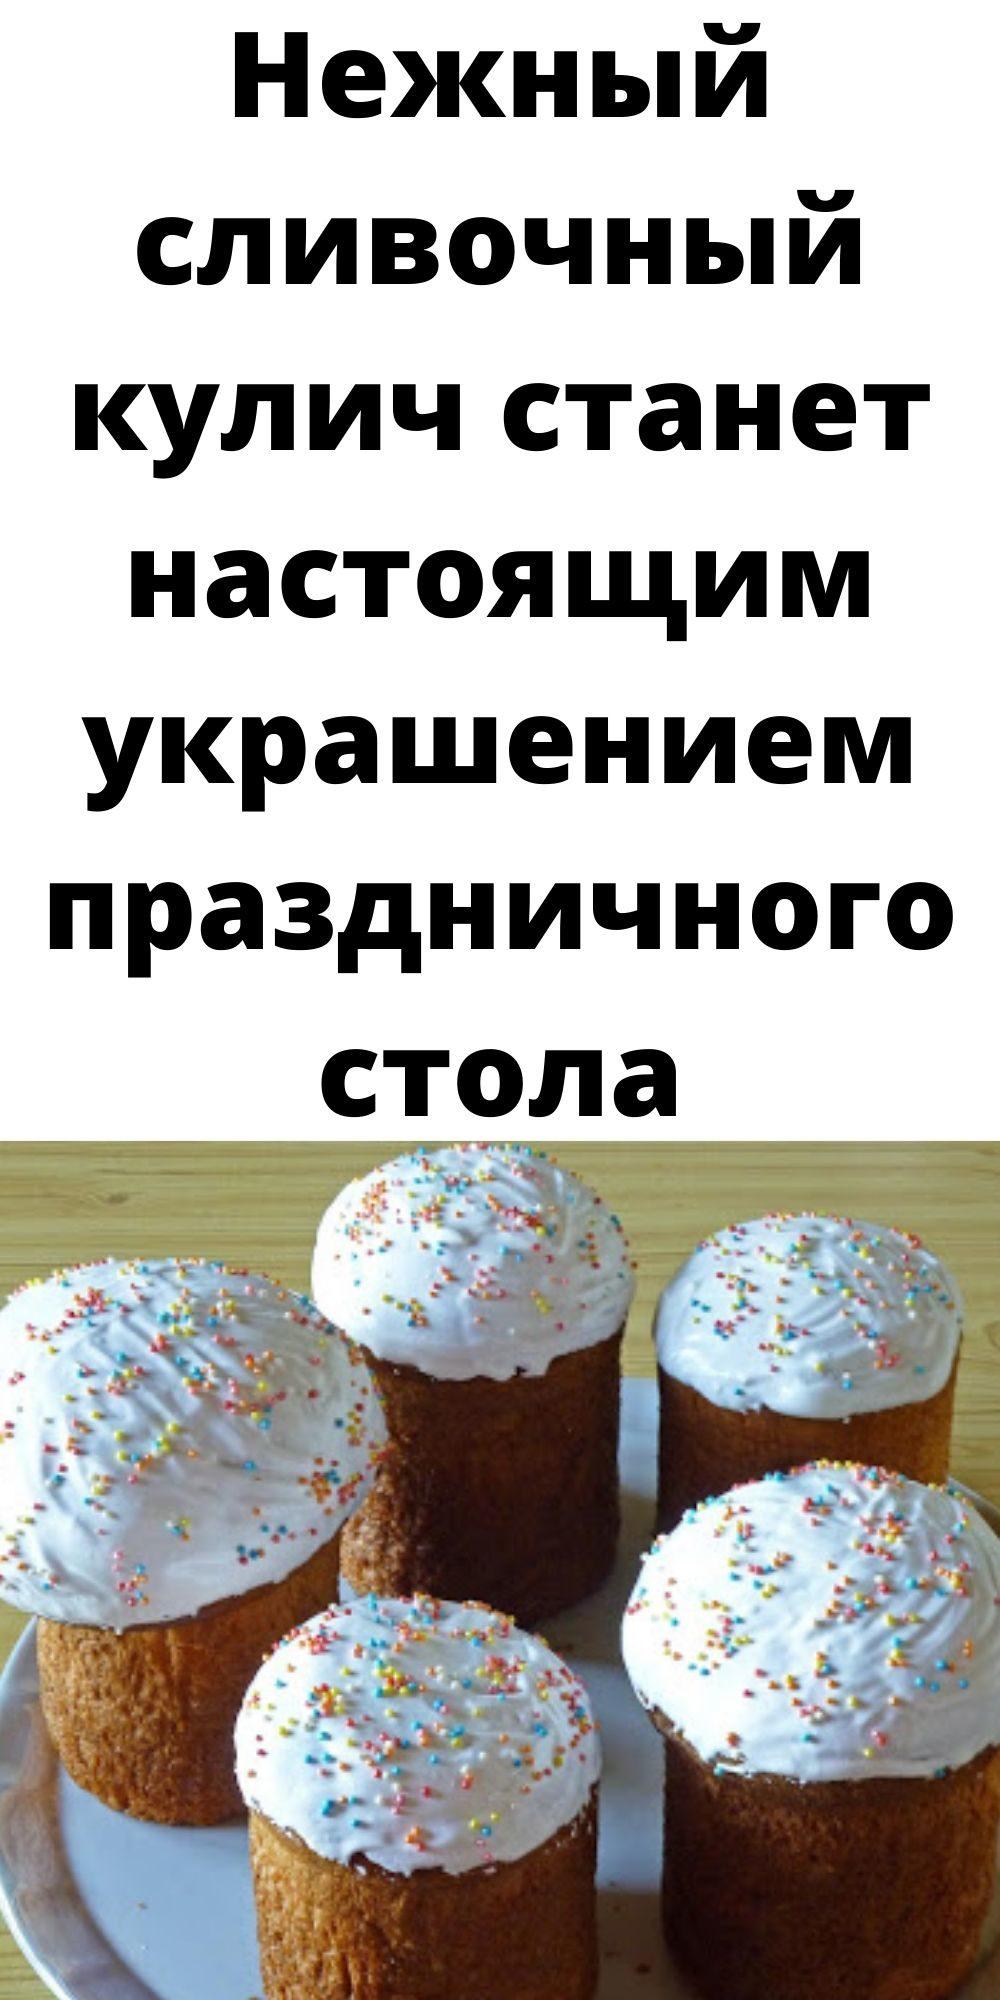 nezhnyy-slivochnyy-kulich-stanet-nastoyaschim-ukrasheniem-prazdnichnogo-stola-2